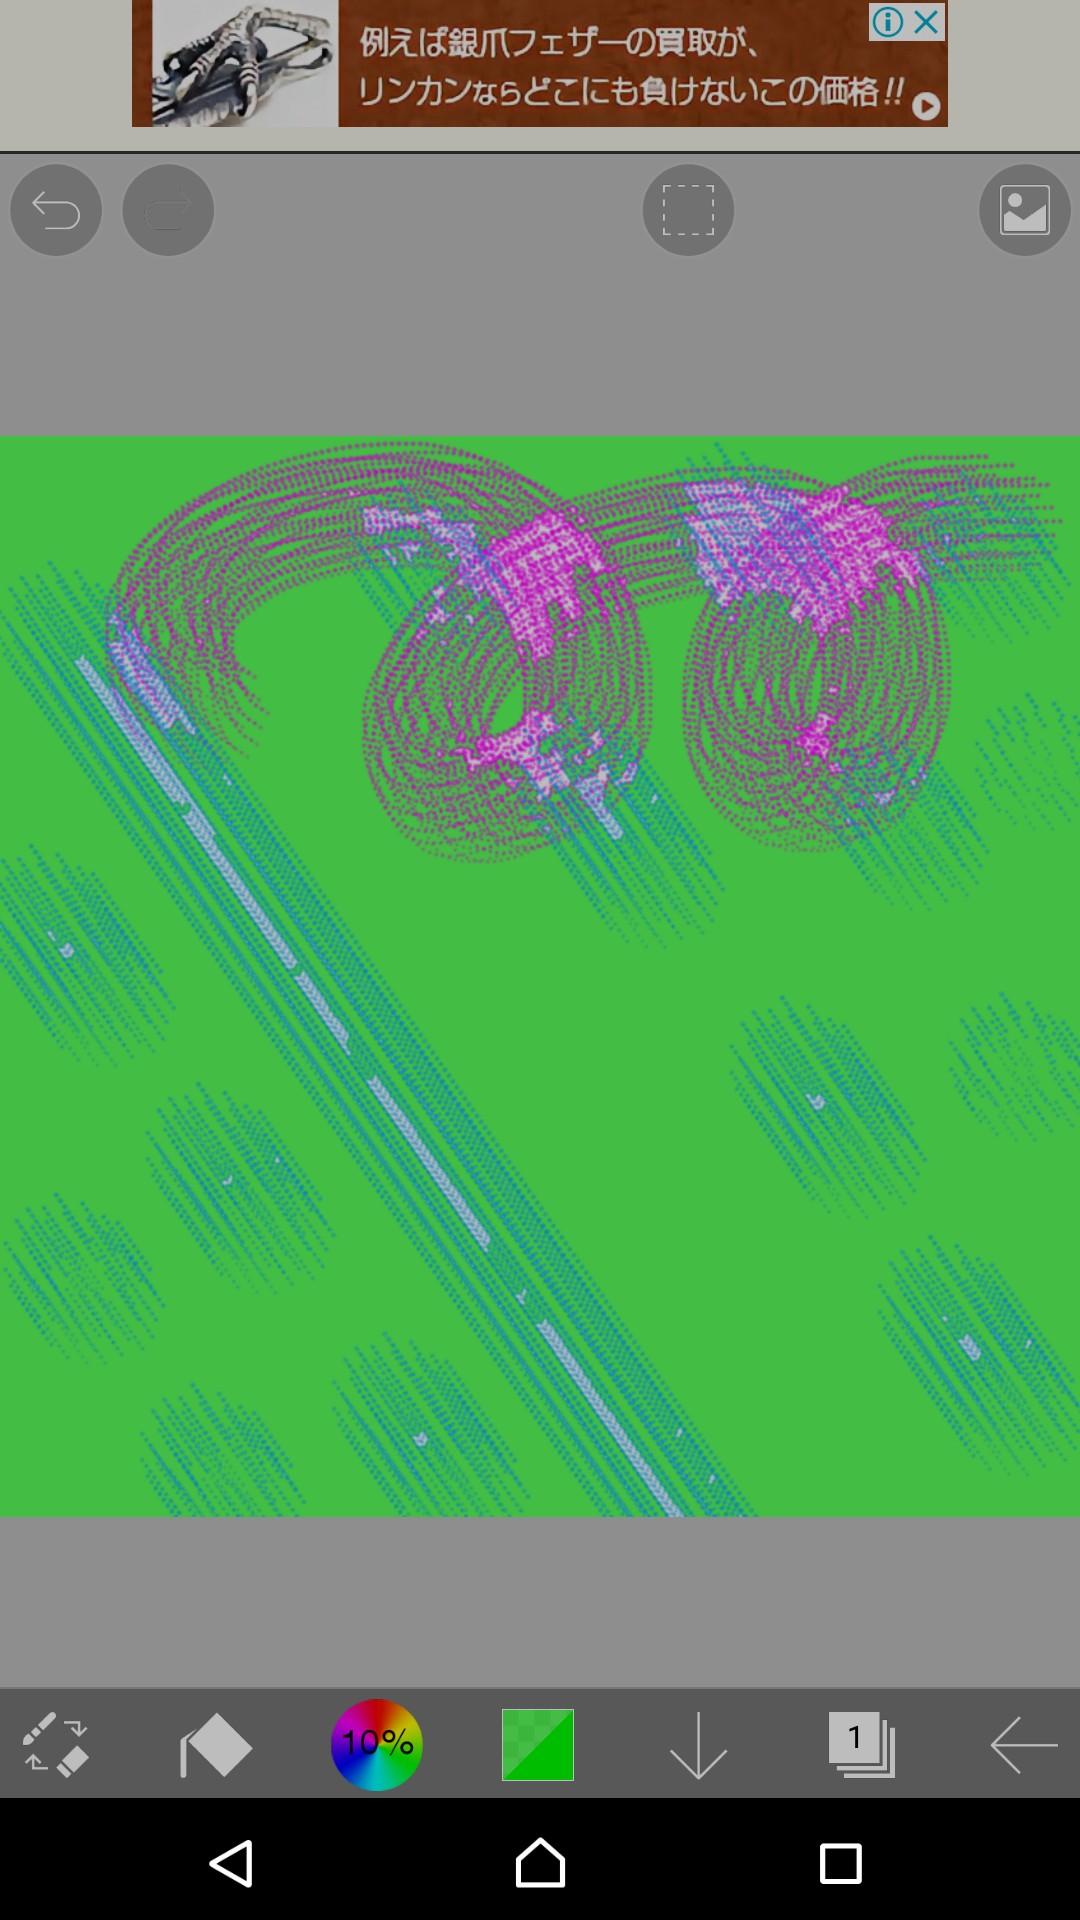 f:id:uuuta1122:20190113150007j:plain